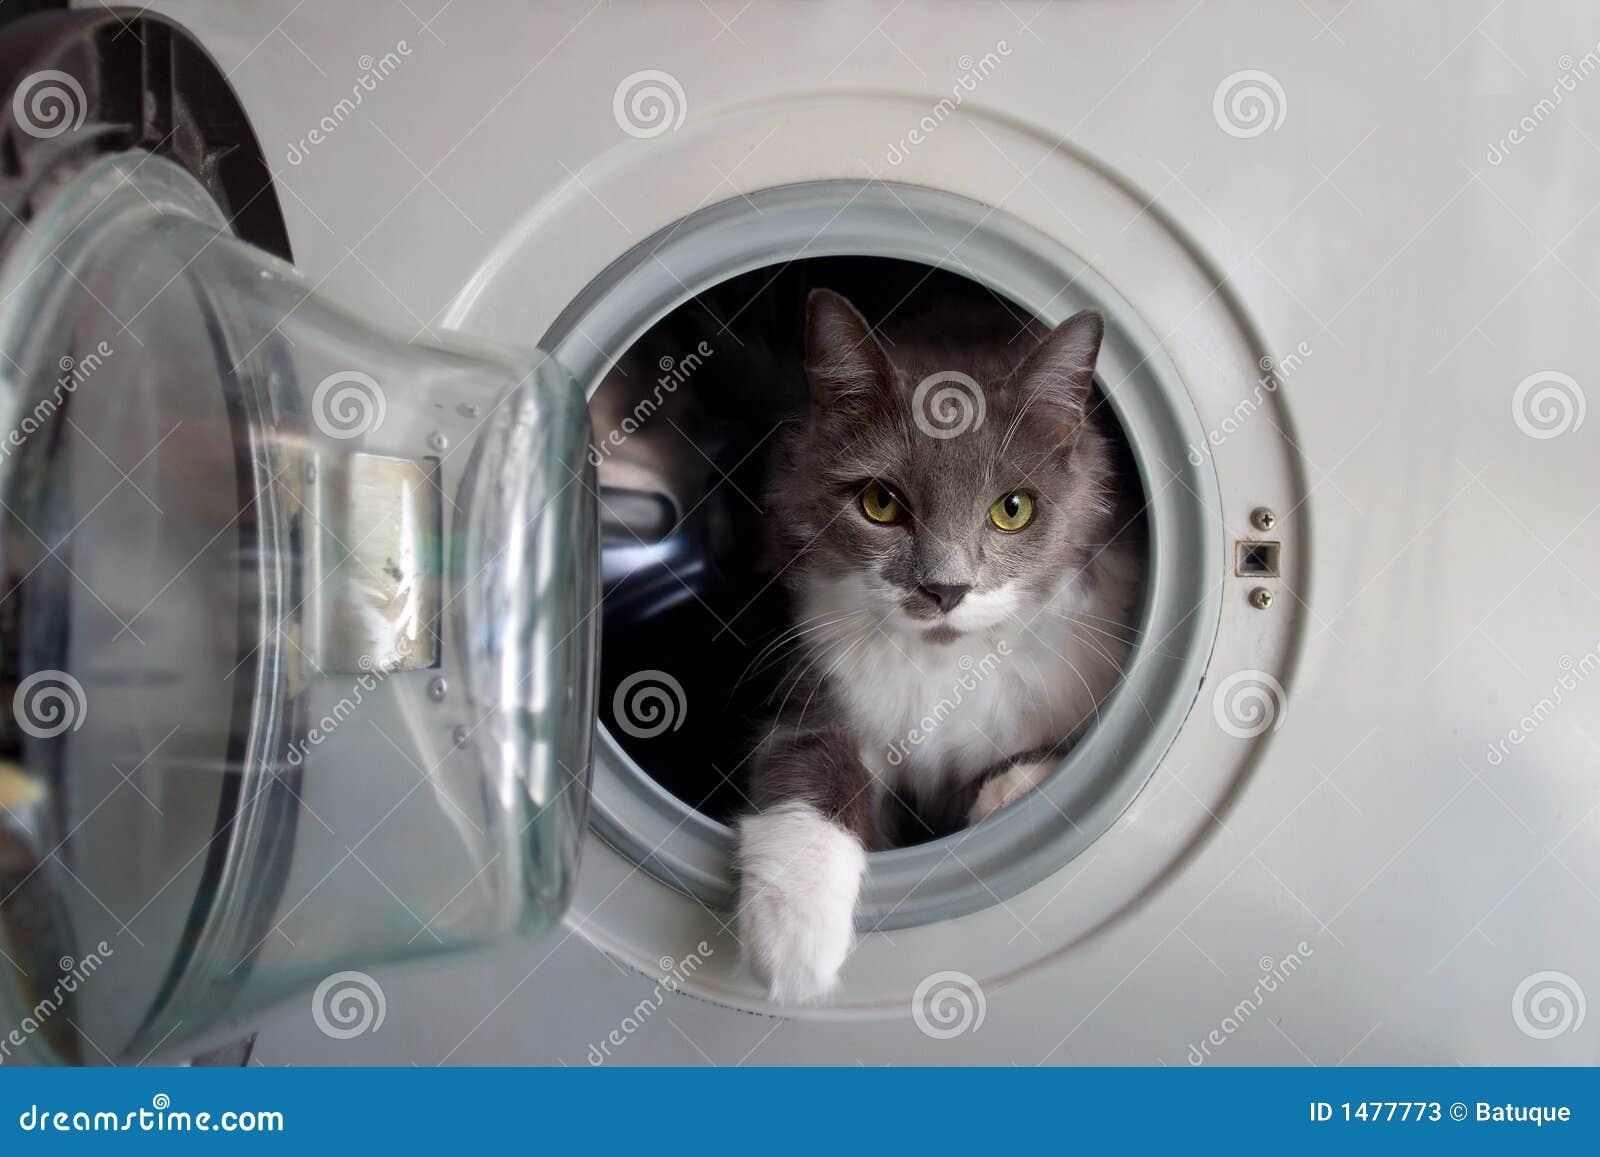 Katze Waschmaschine